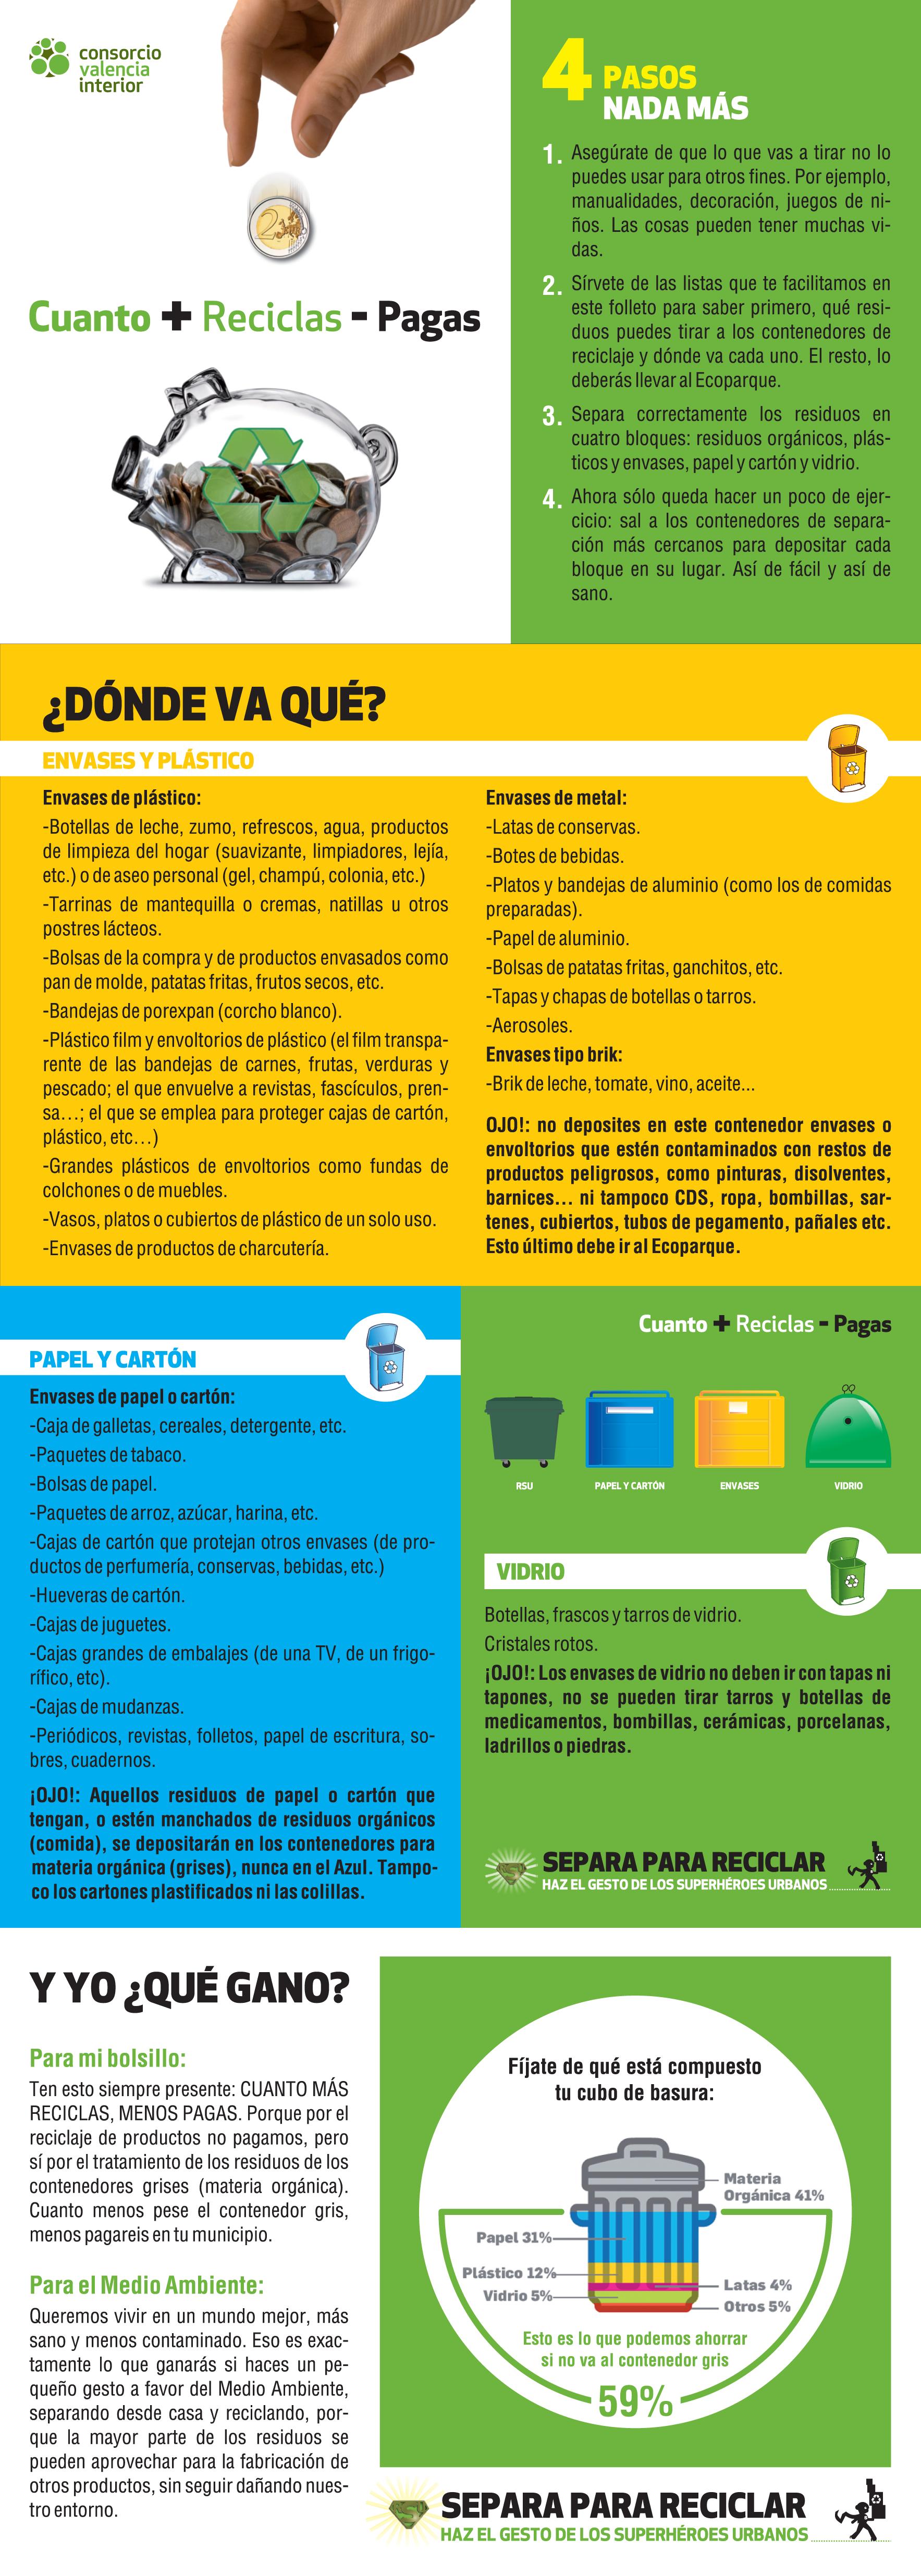 Folleto Informativo Y De Fomento Del Reciclaje De Residuos De Papel Cartón Envases Ligeros Y Vidrio Para Envases Ligeros Educacion Ambiental Apuntes De Clase